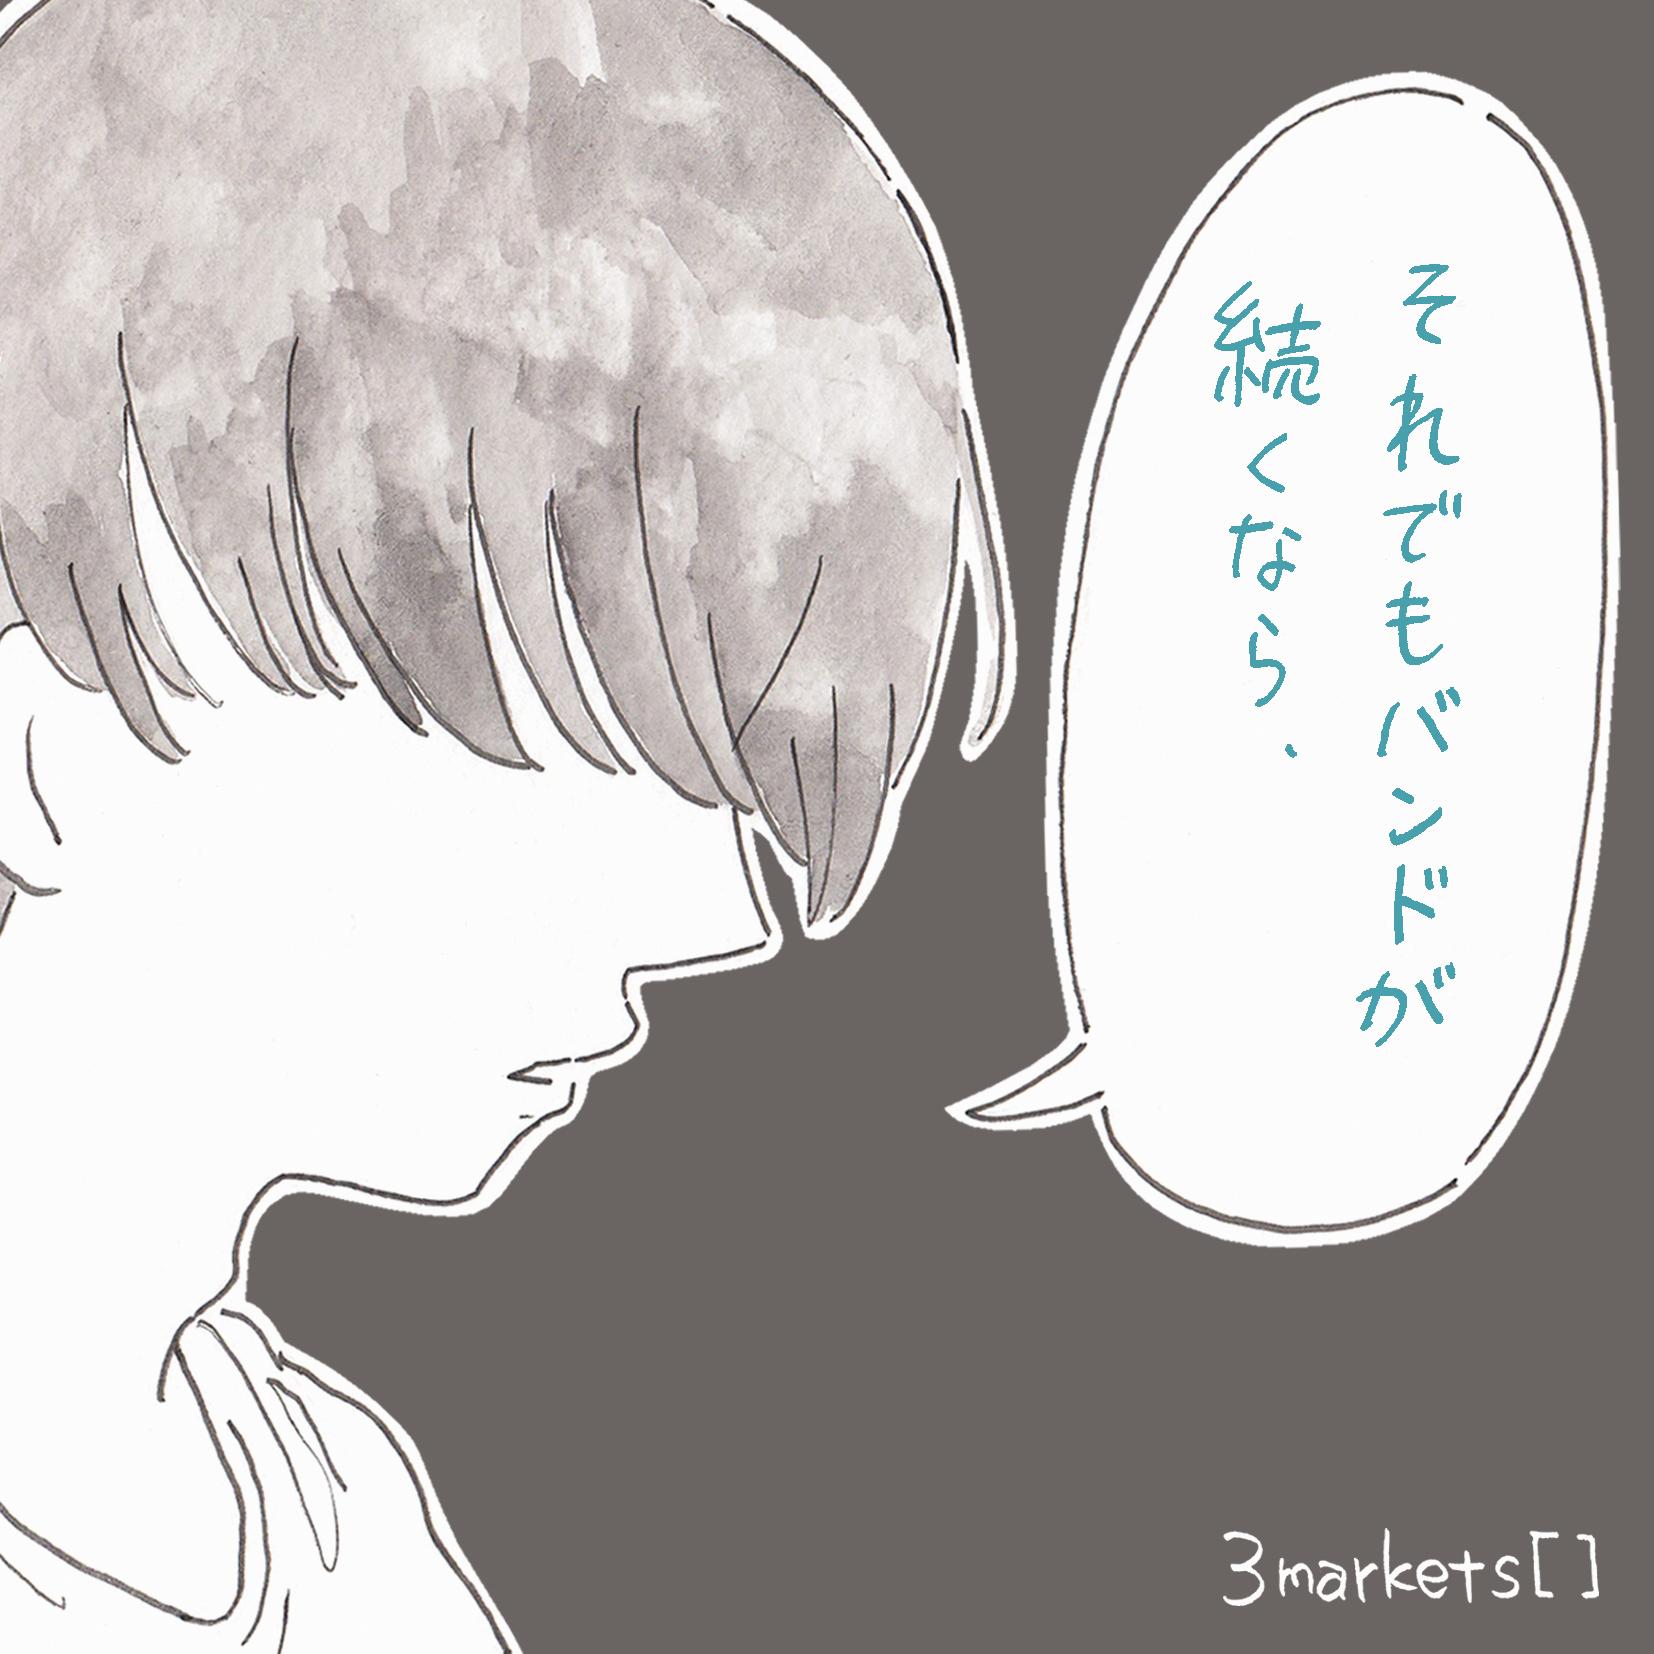 TOWER RECORDS名古屋パルコ店にてアルバム「それでもバンドが続くなら」リリース記念インストアイベント開催決定